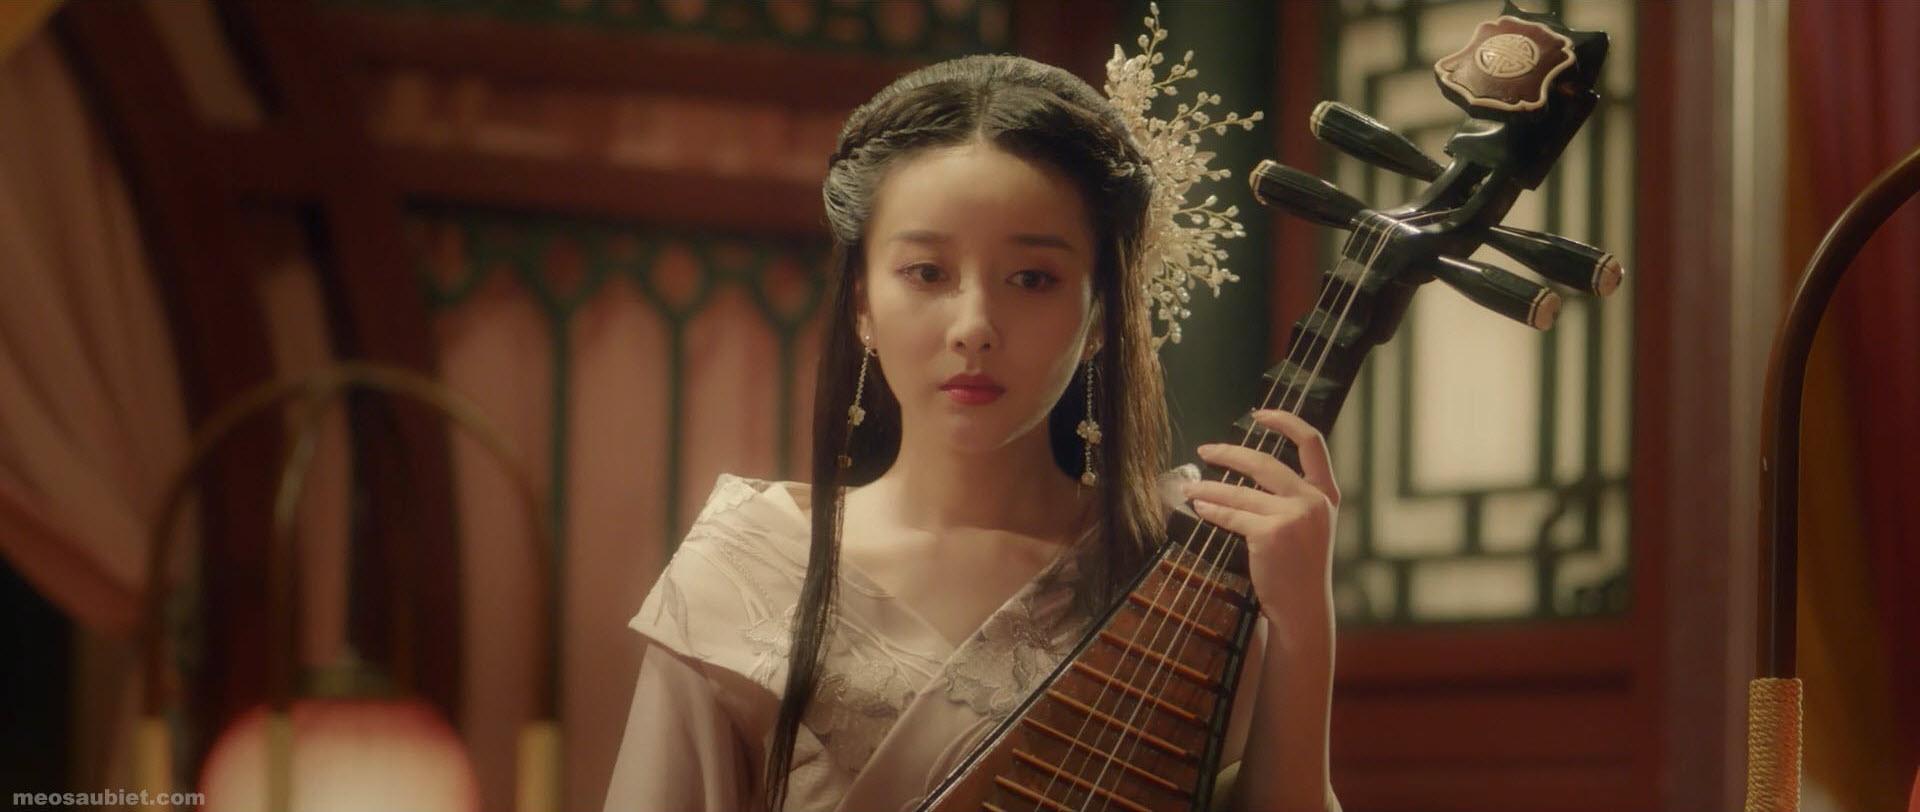 Năm Thành Hóa thứ mười bốn 2020 Trần Mộng Dao trong vai Phùng Thanh Tư